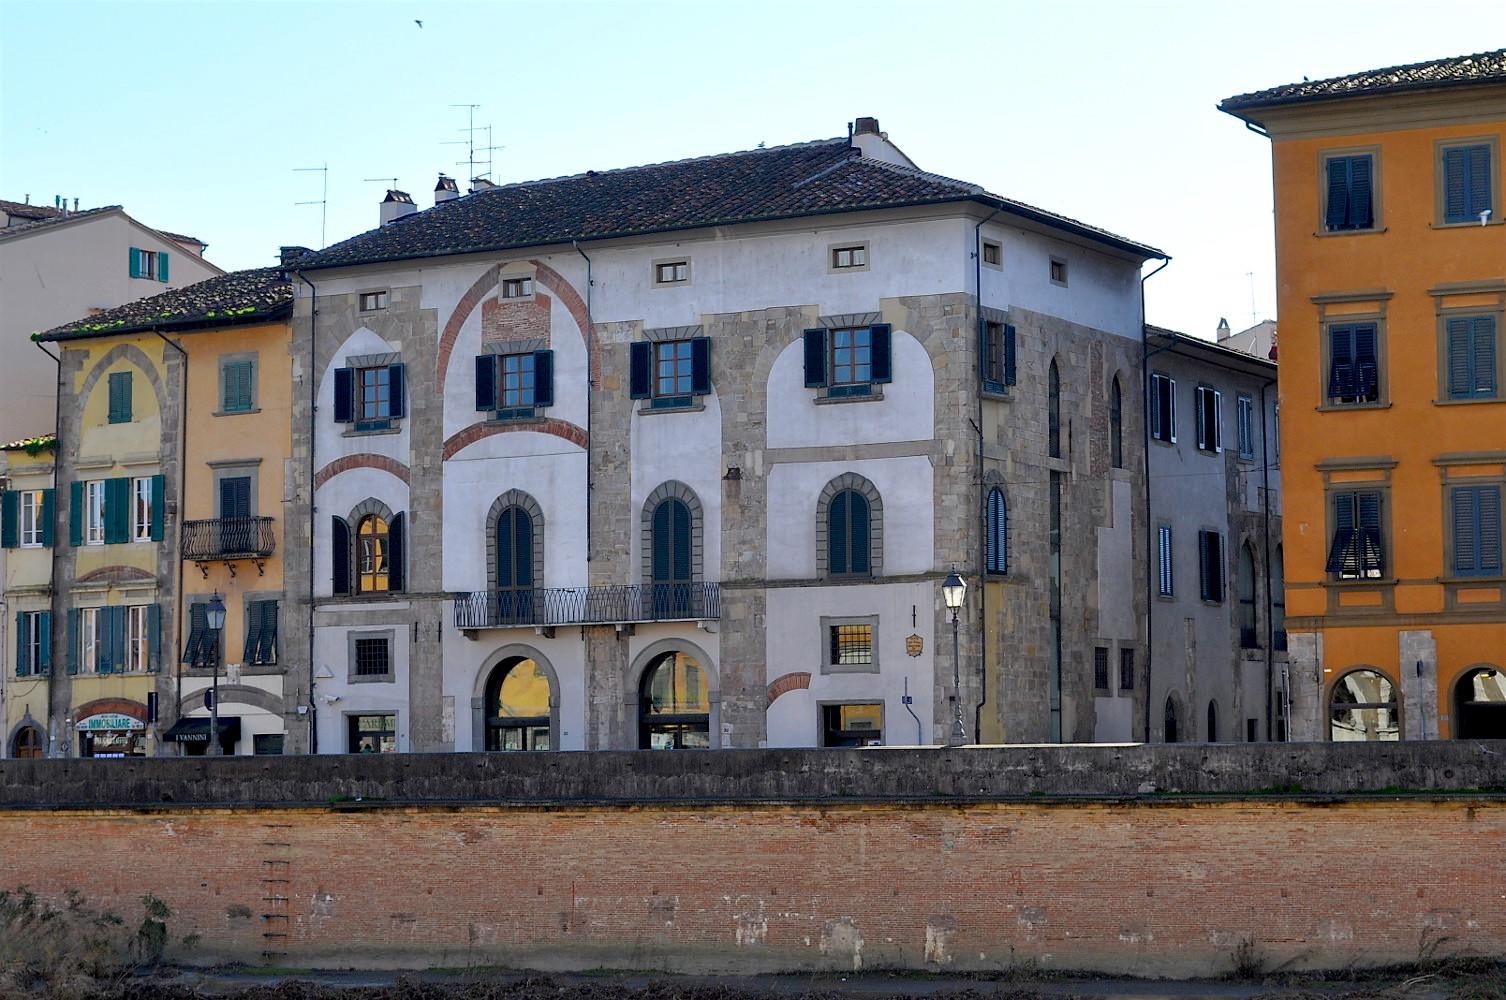 Vista dal Lungarno - Palazzo Alliata (F. Anichini)